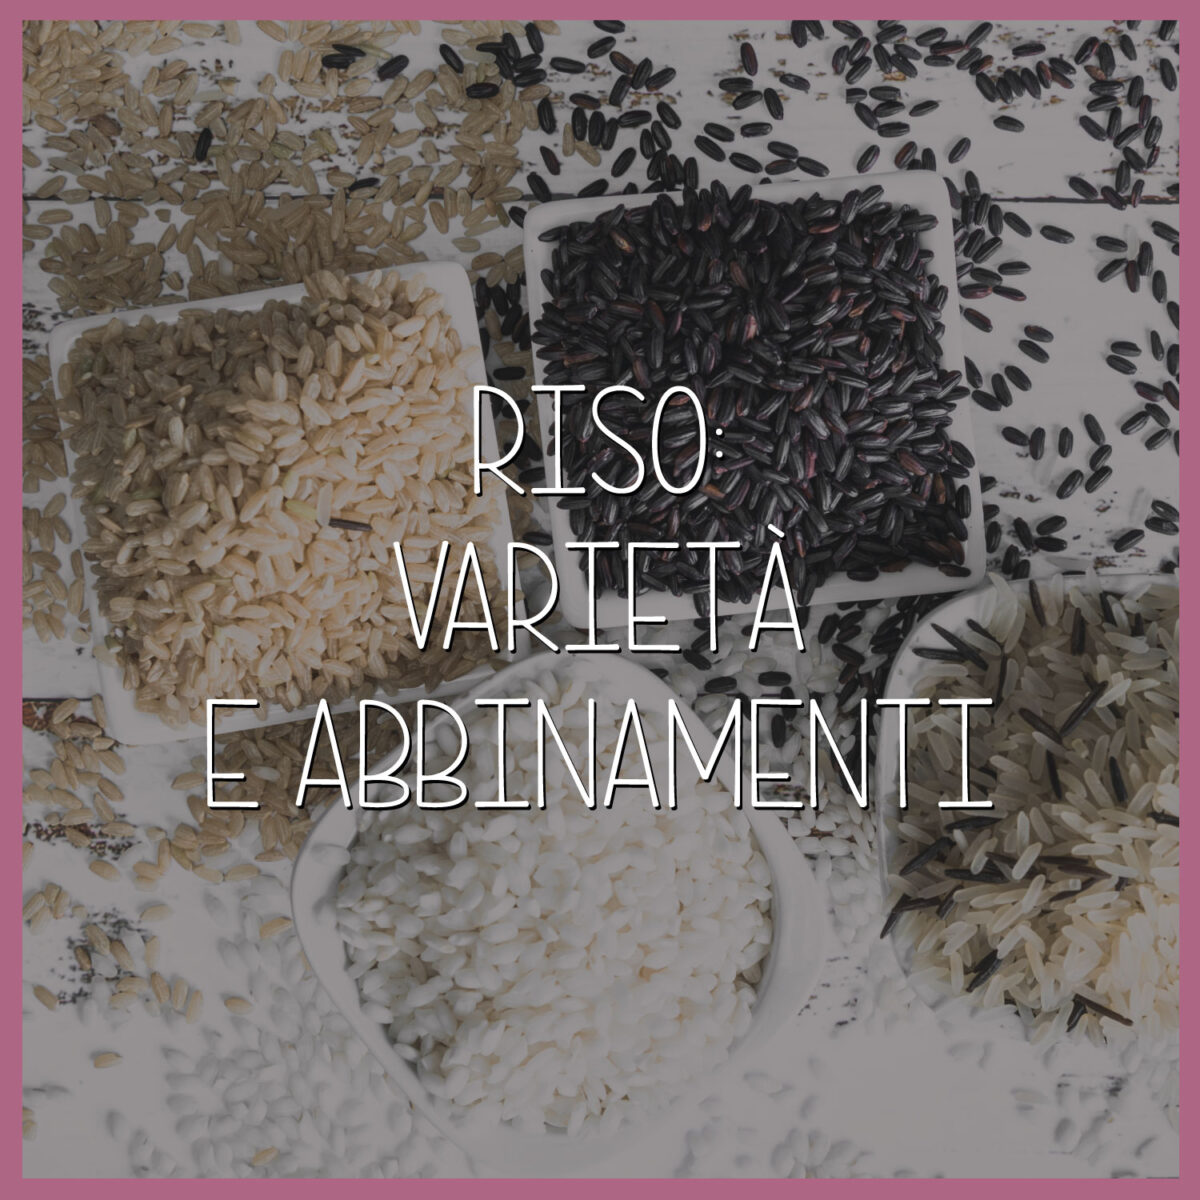 Riso-varietà-qualità-abbinamenti-e-le-varie-ricette-funzionali-delle-nutrizioniste-del-centro-B-Woman-di-Roma-1200x1200.jpg